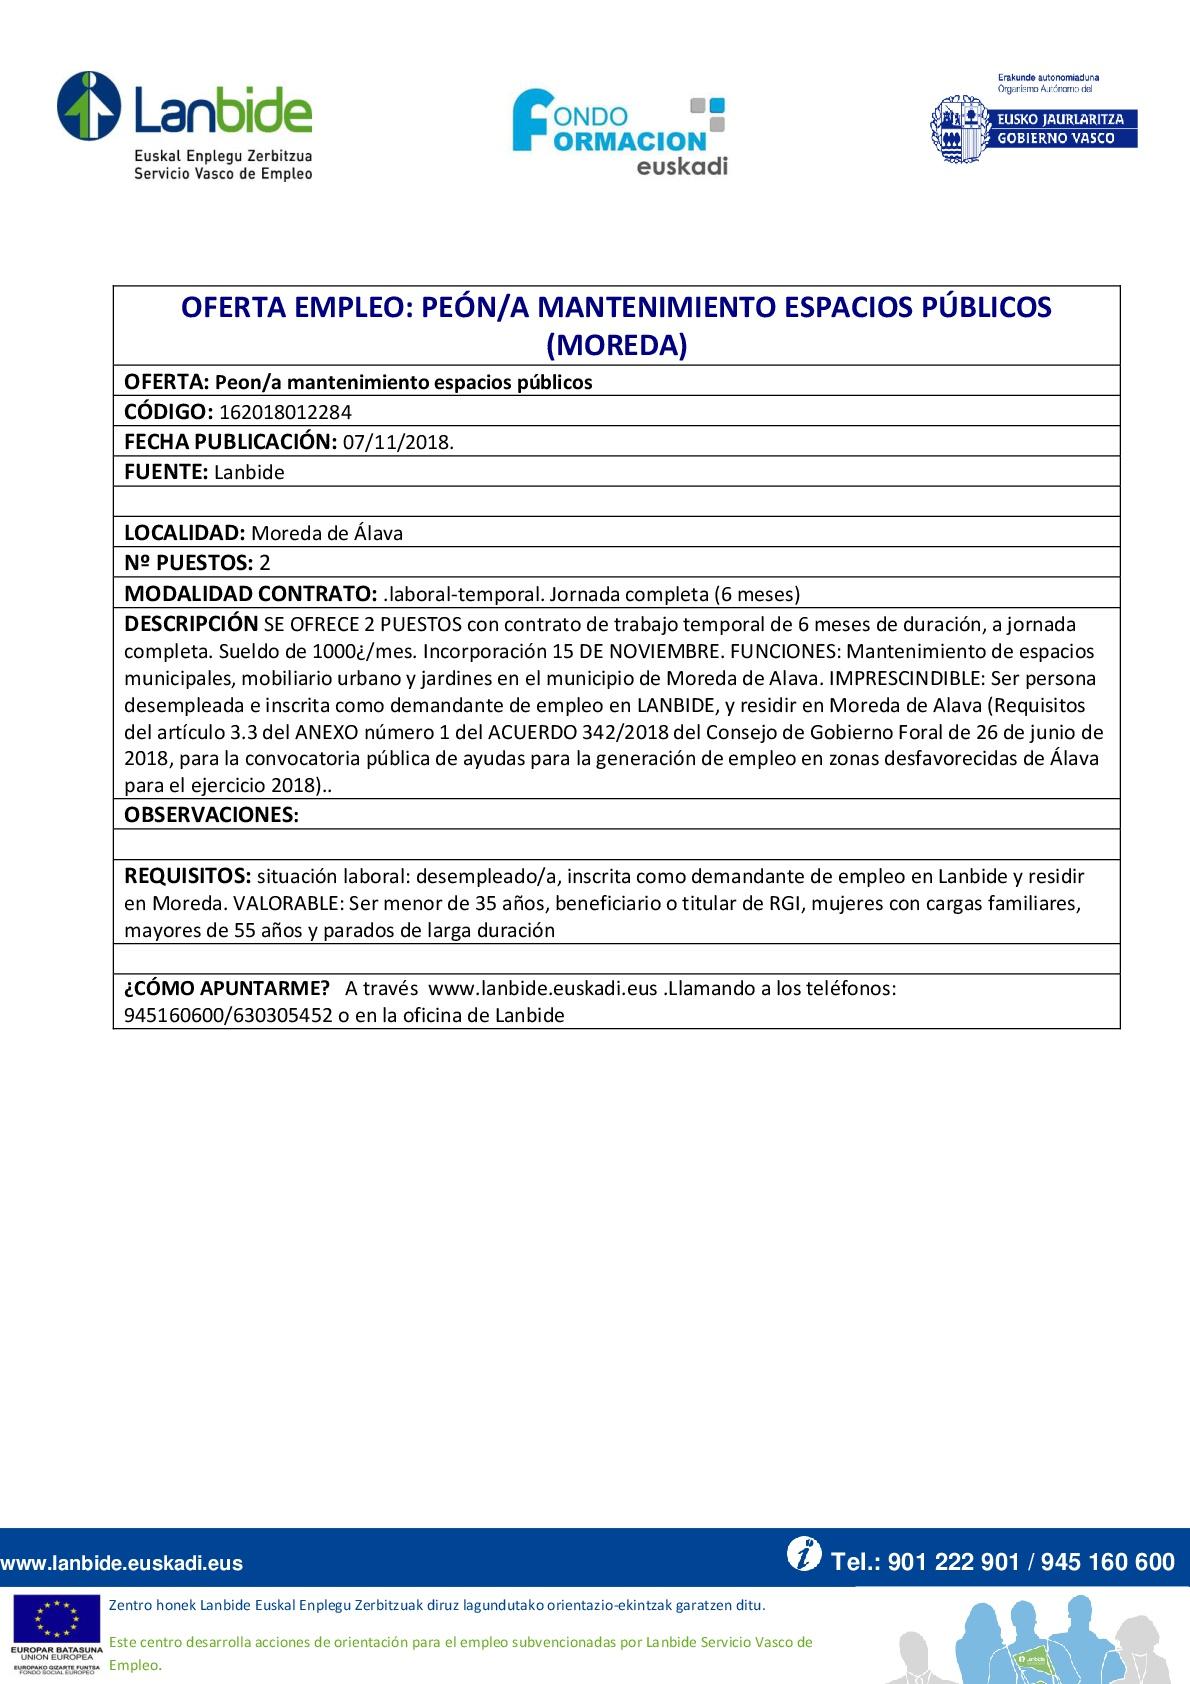 oferta_peón mentenimiento espacios públicos_Moreda_Lanbide-001